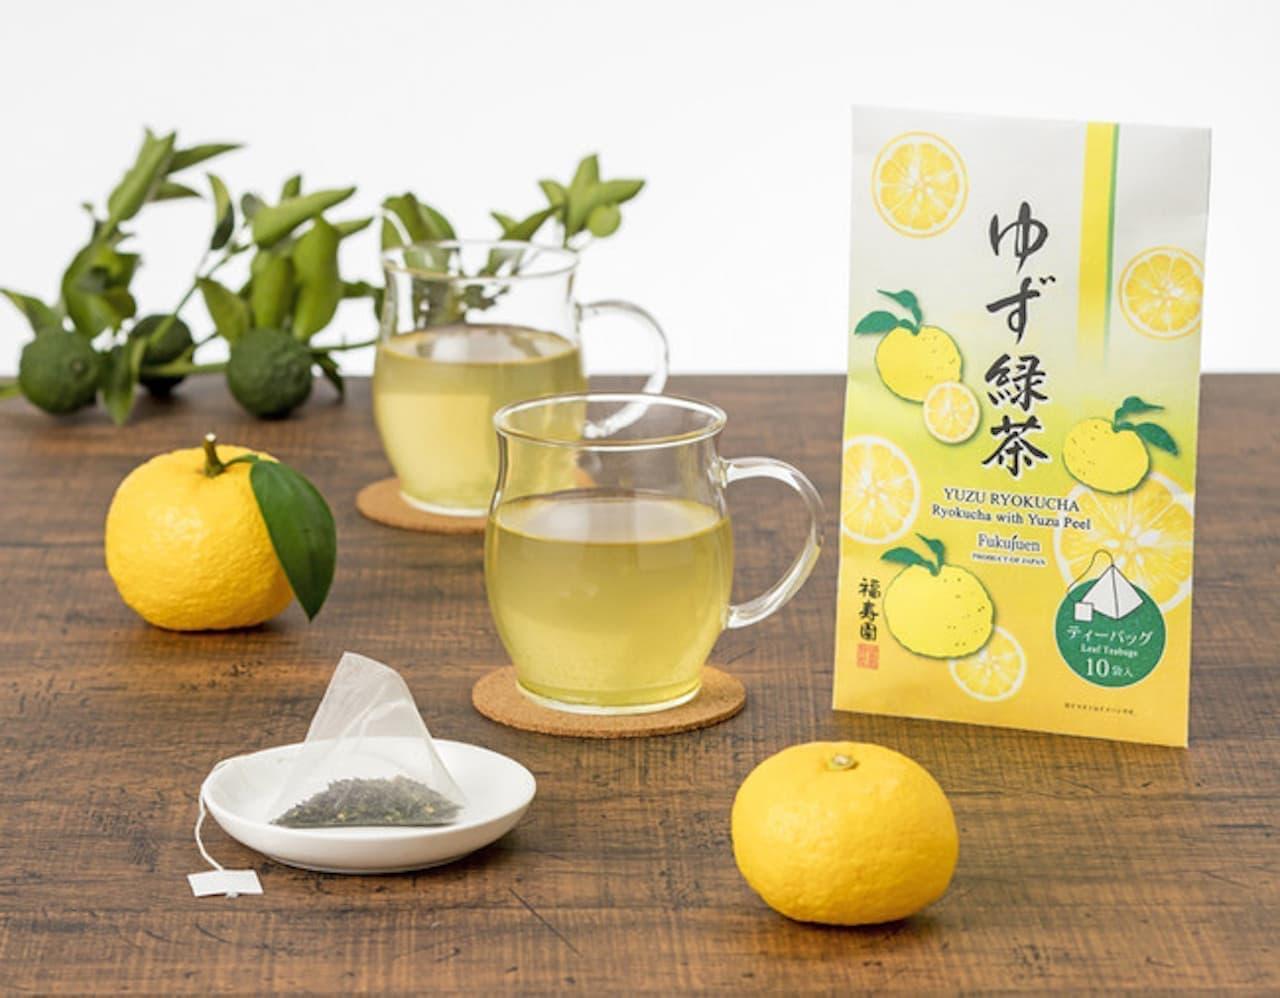 福寿園「ゆず緑茶 ティーバッグ」